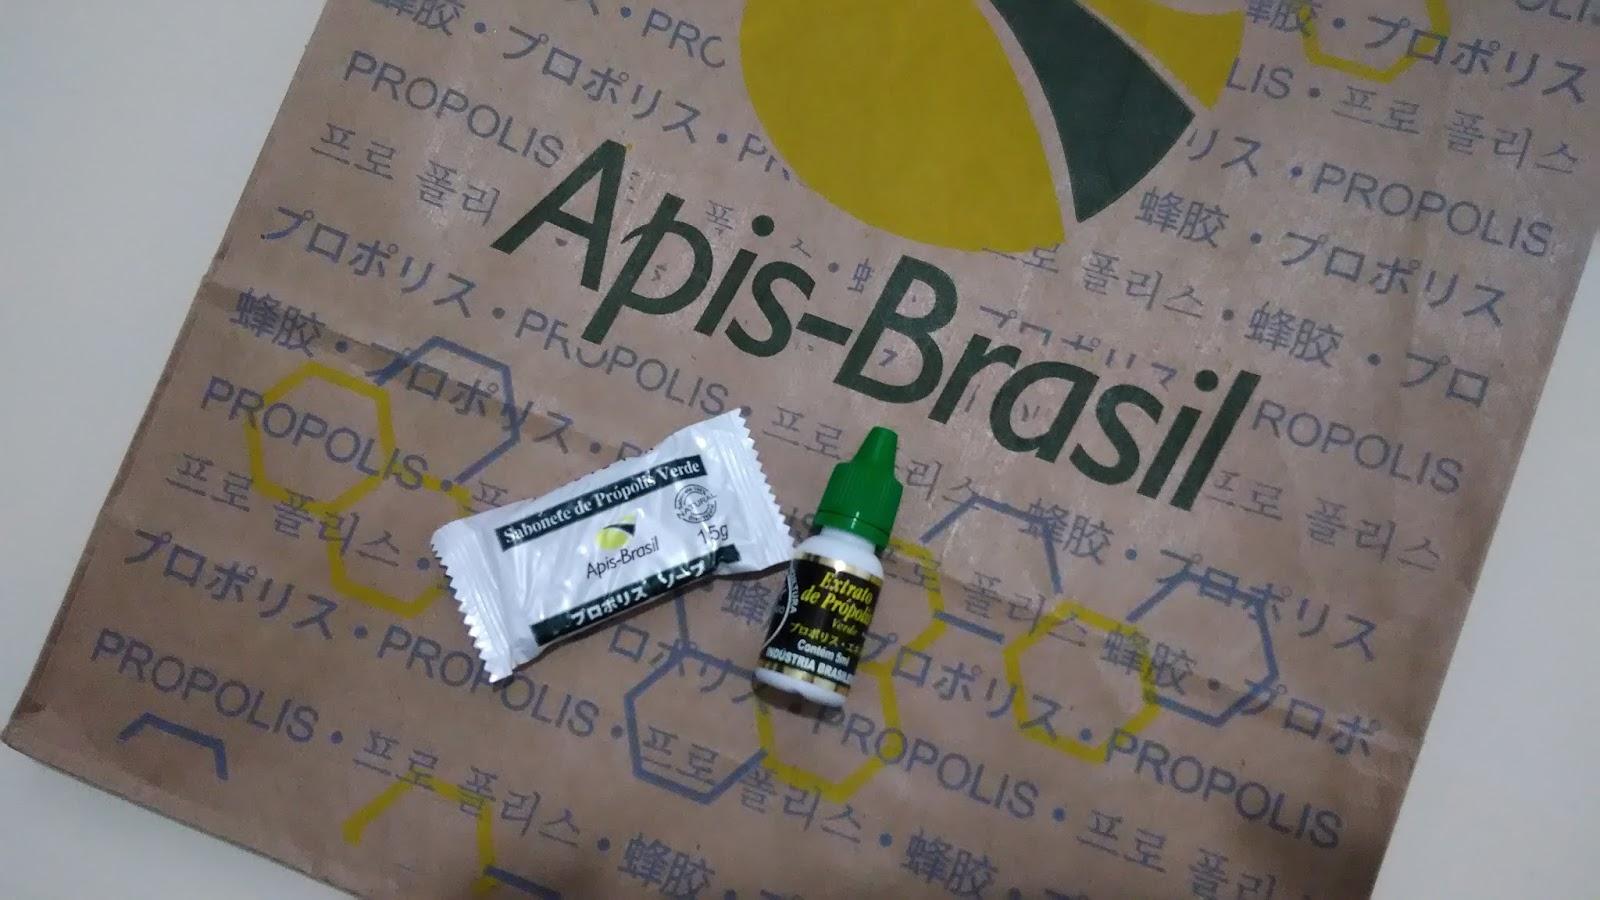 apis brasil